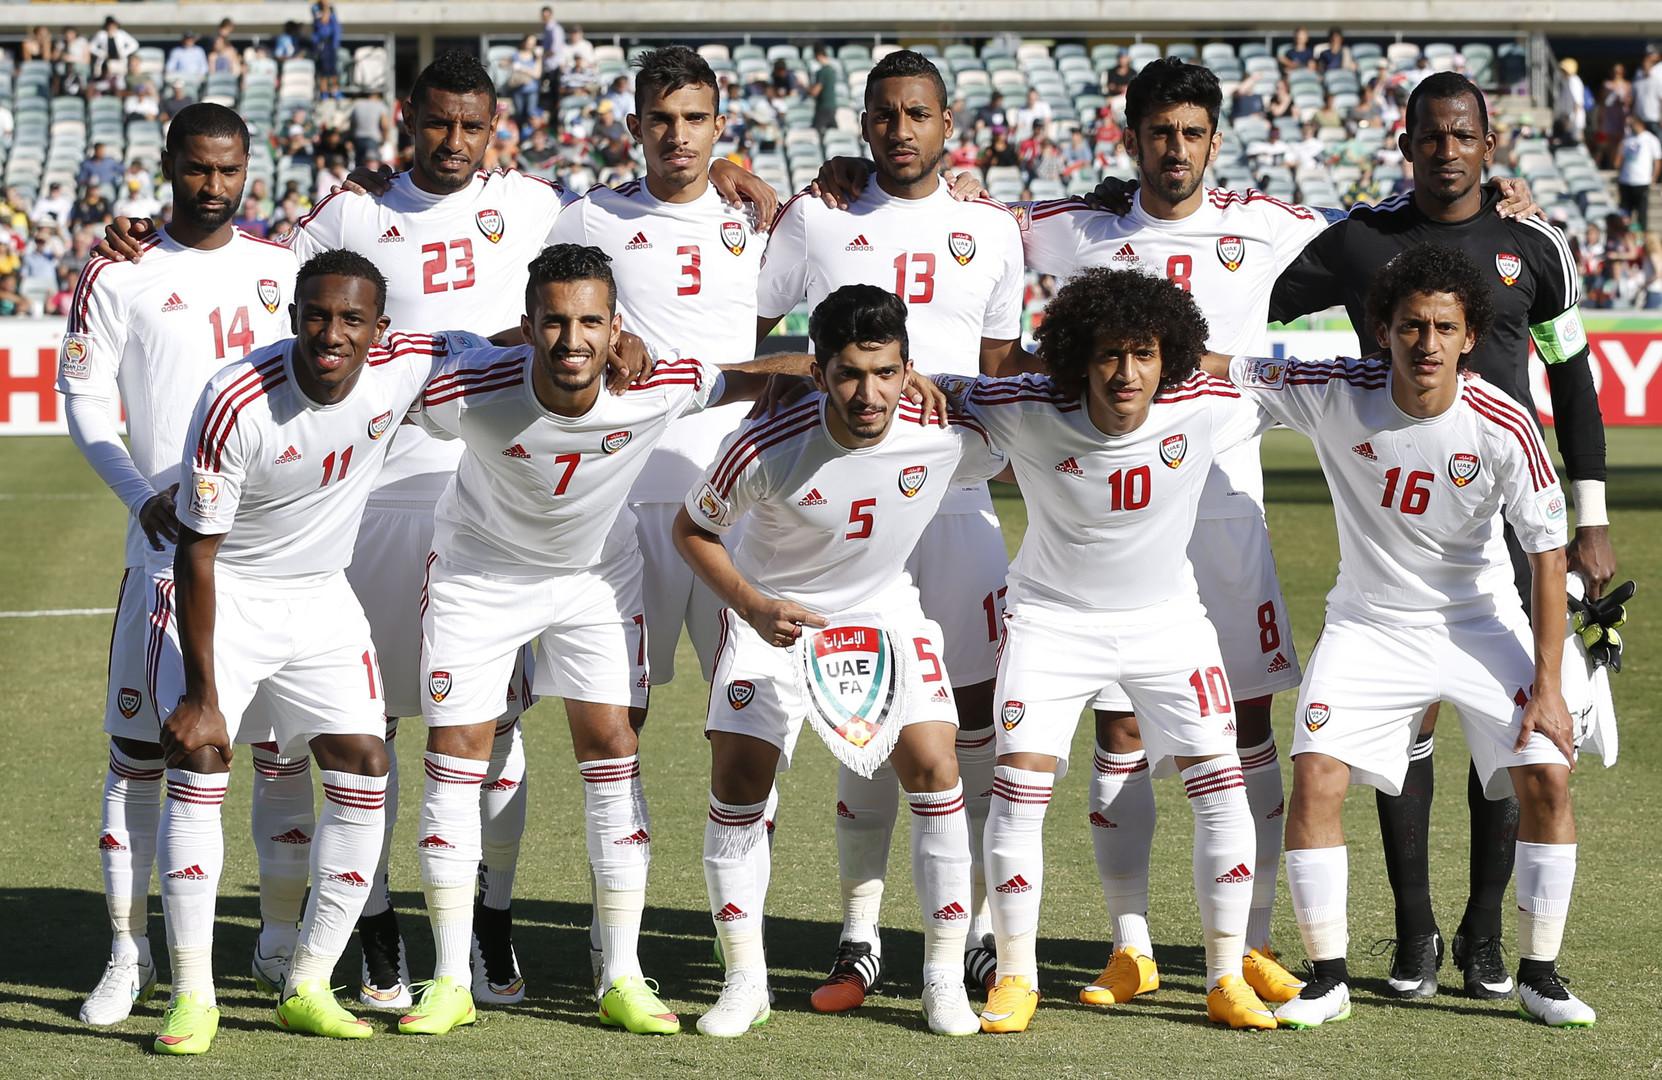 منتخبنا الوطني في المرتبة الرابعة عربياً حسب تصنيف الفيفا الشهري